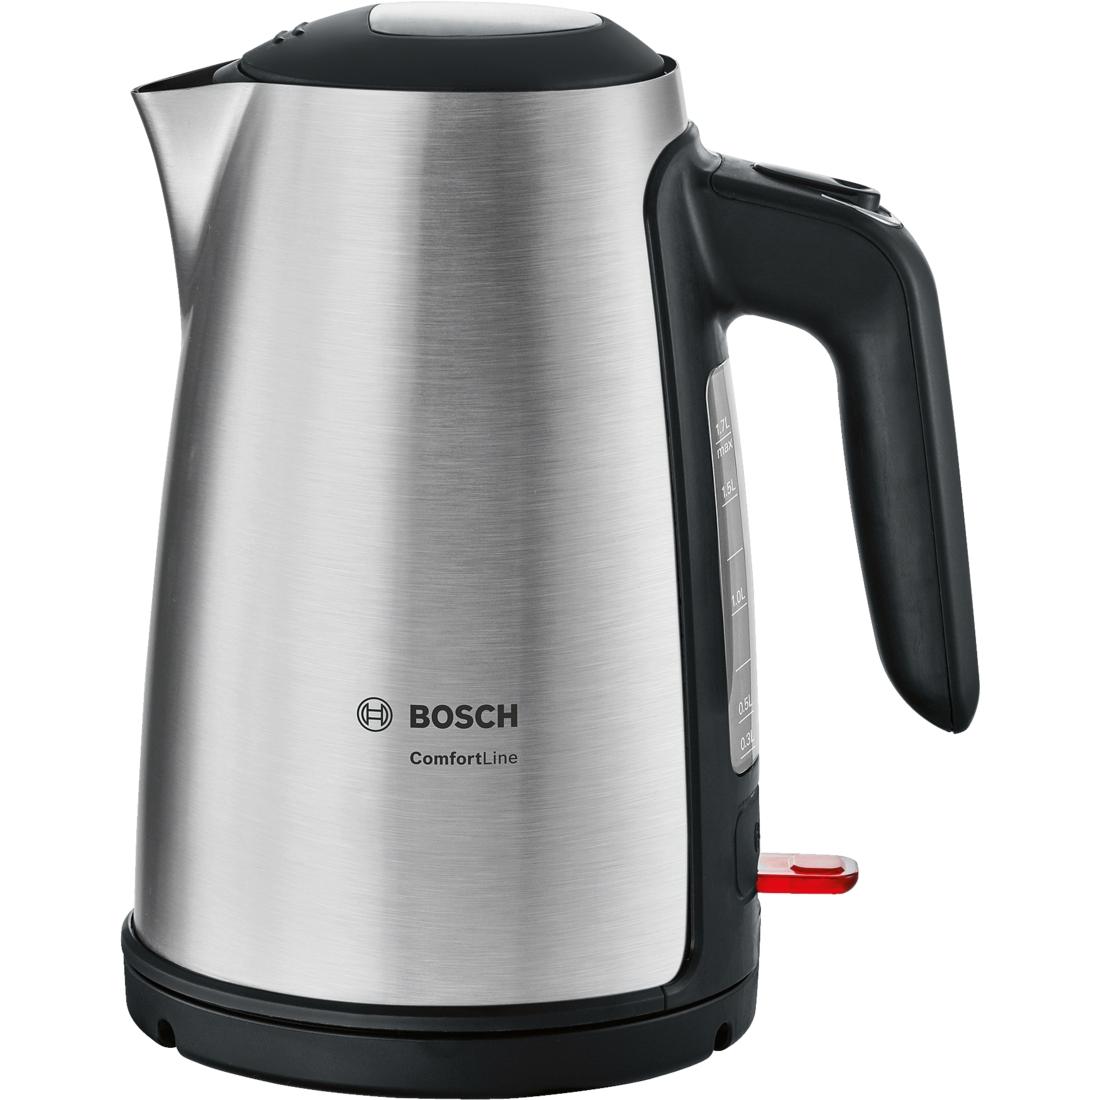 Fierbator Bosch TWK6A813 ComfortLine 1 7litri 2400W inox